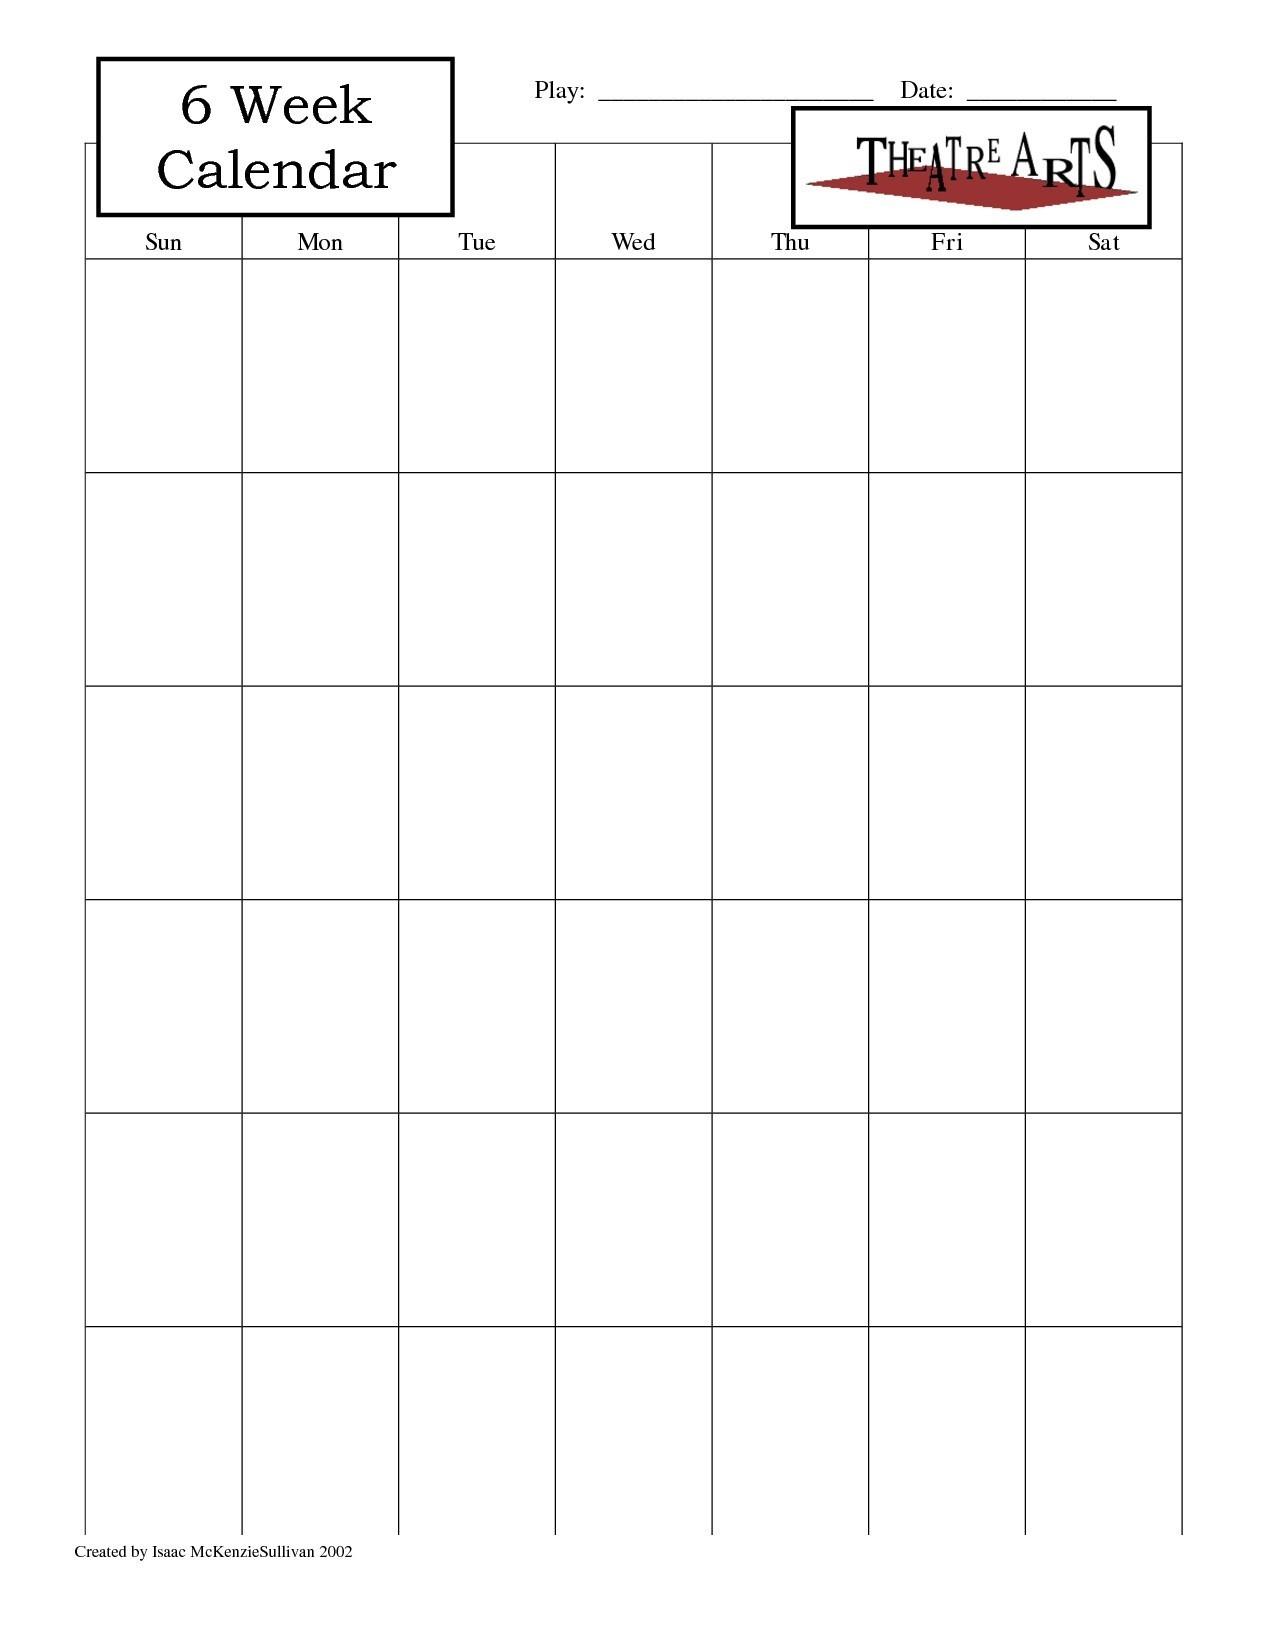 Blank 6 Week Calendar Template With Weeks 25971 Also On 6 Week with regard to 6 Week Blank Schedule Template